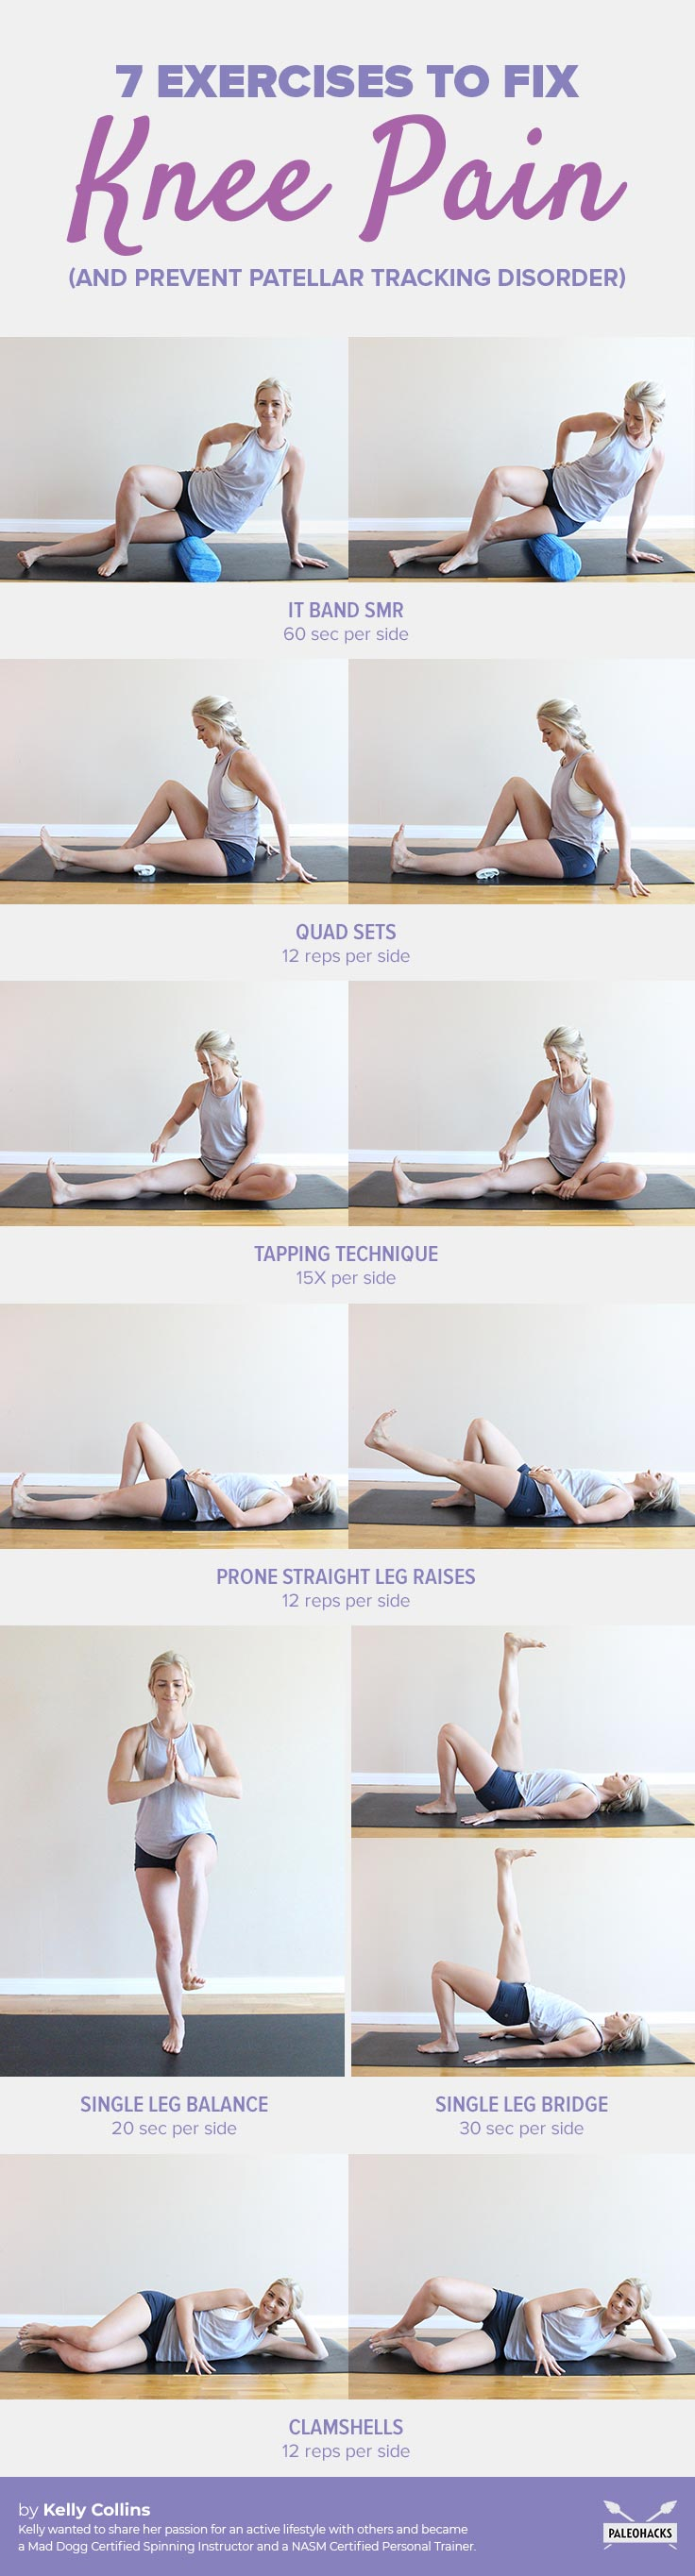 7-Exercises-to-Fix-Knee-Pain-infog.jpg